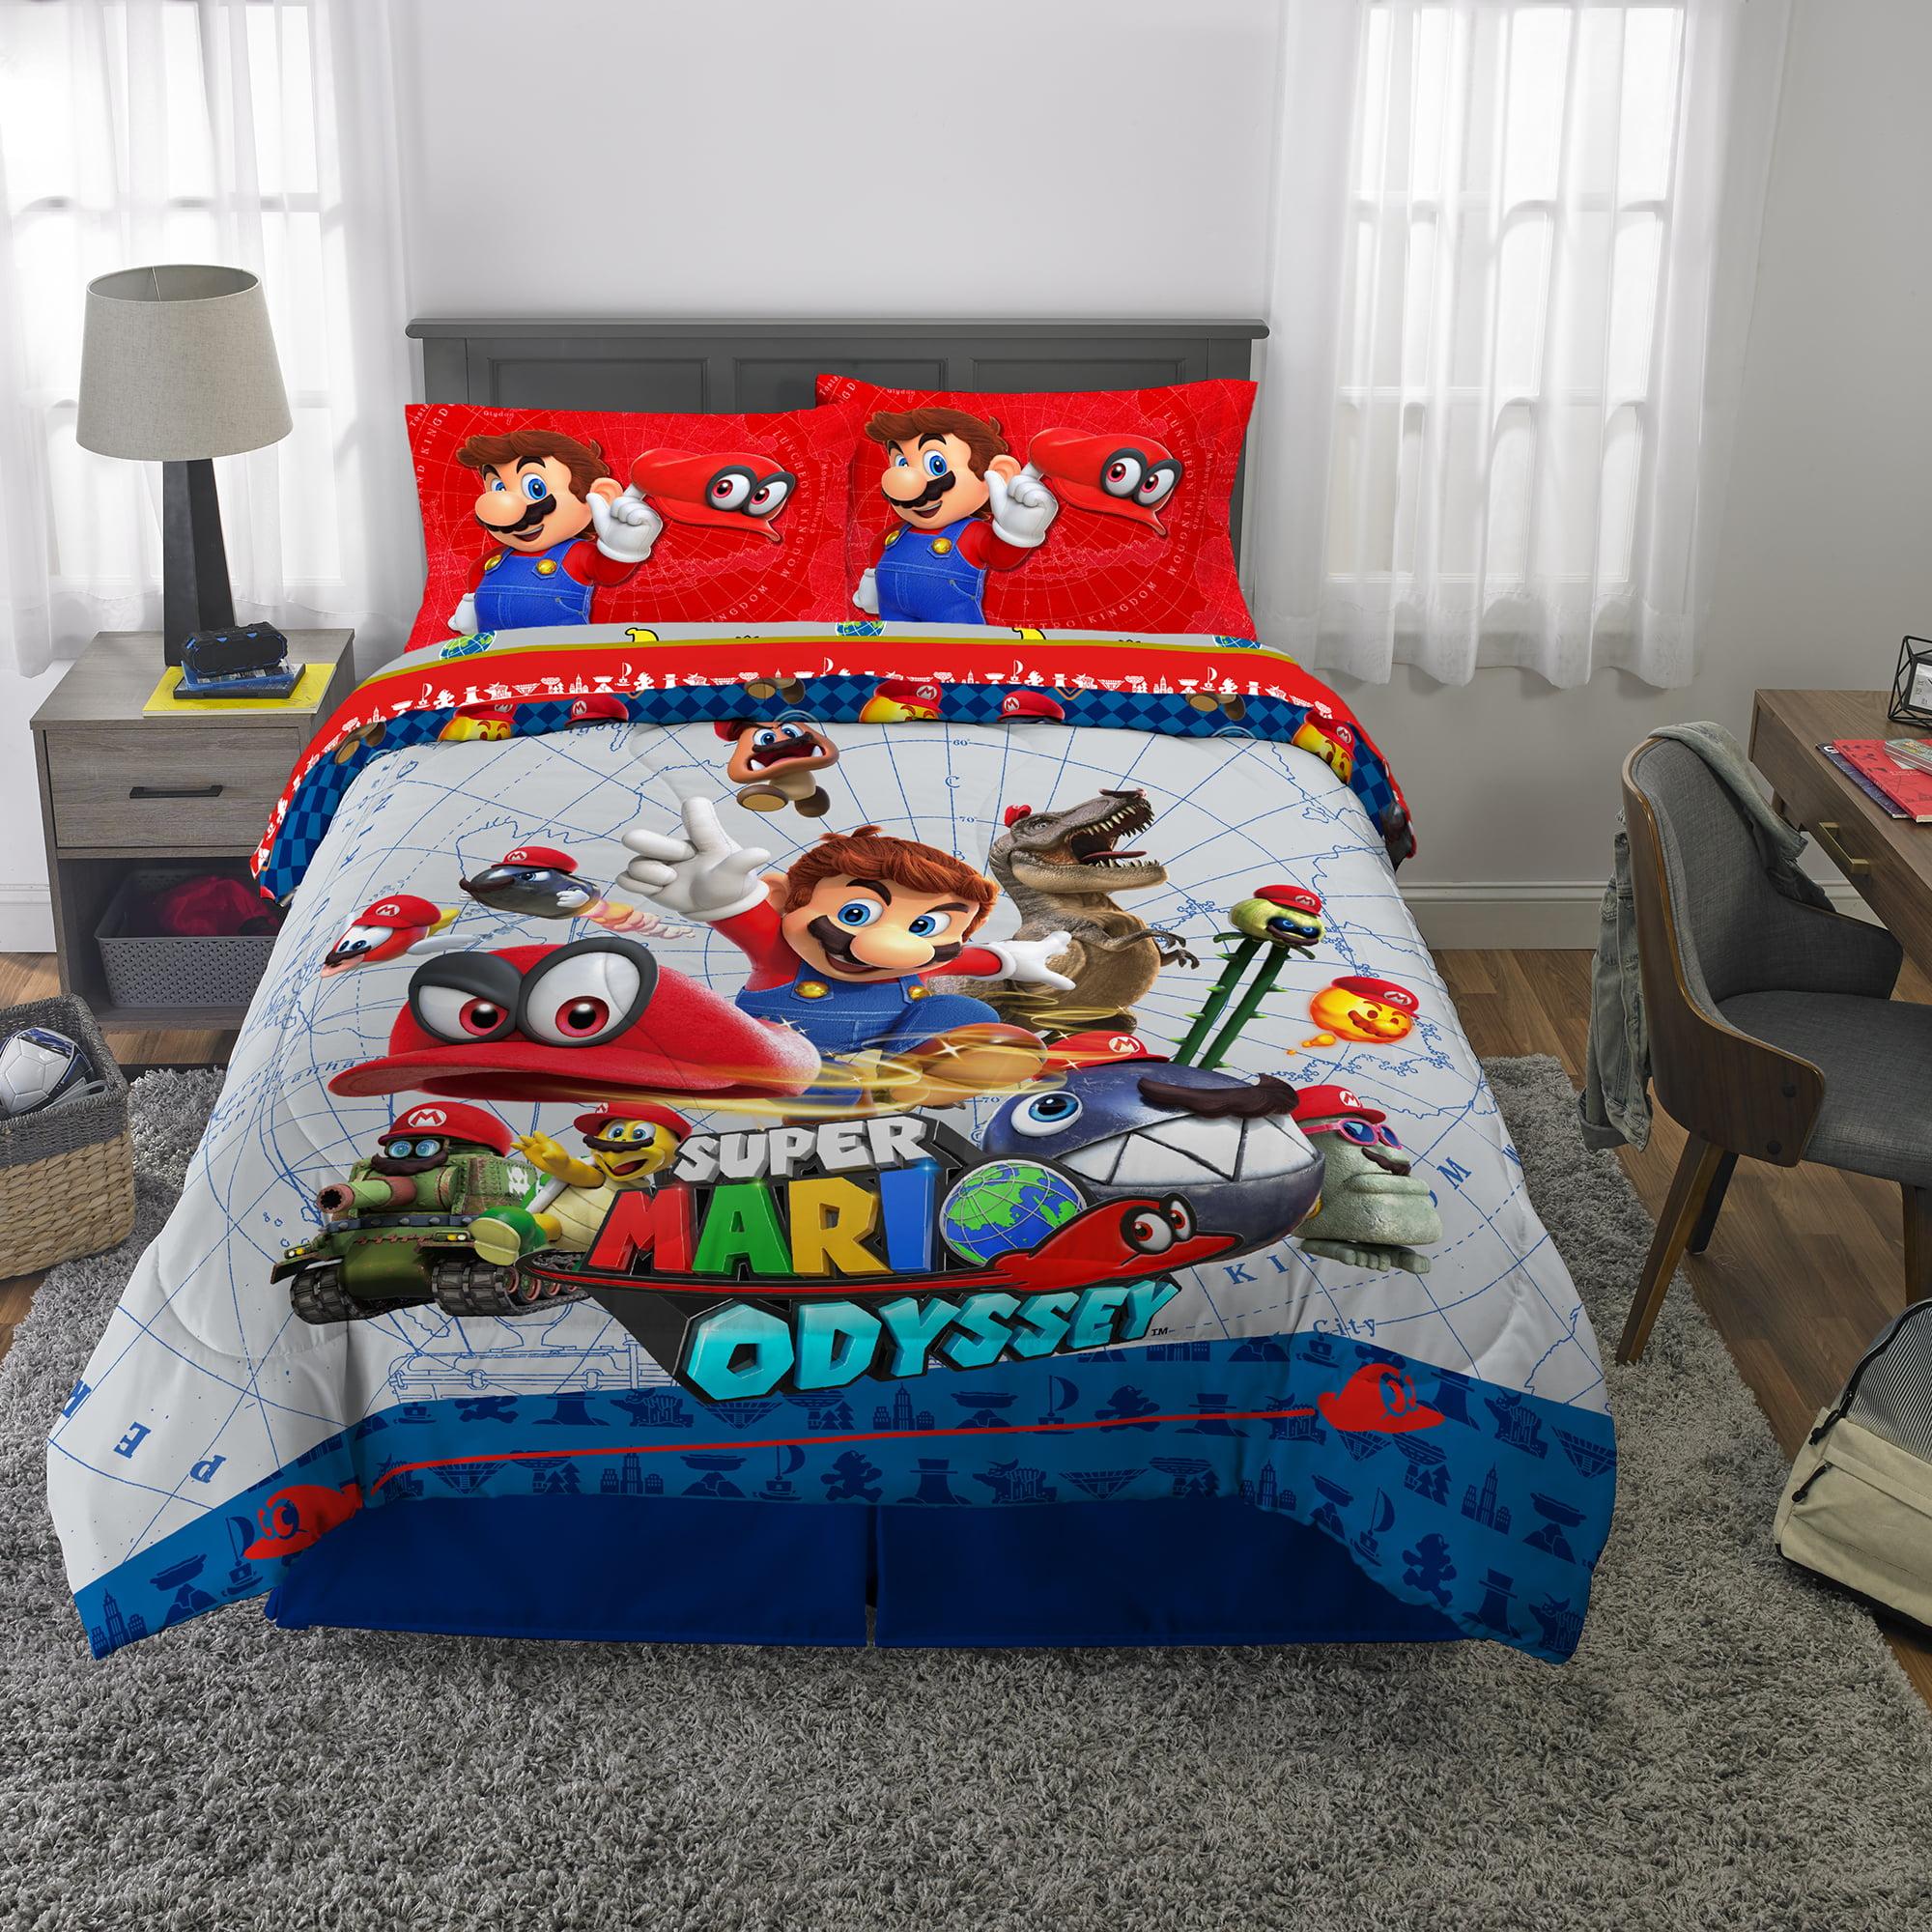 Super Mario Kids Bed In A Bag Bedding Set Soft Microfiber